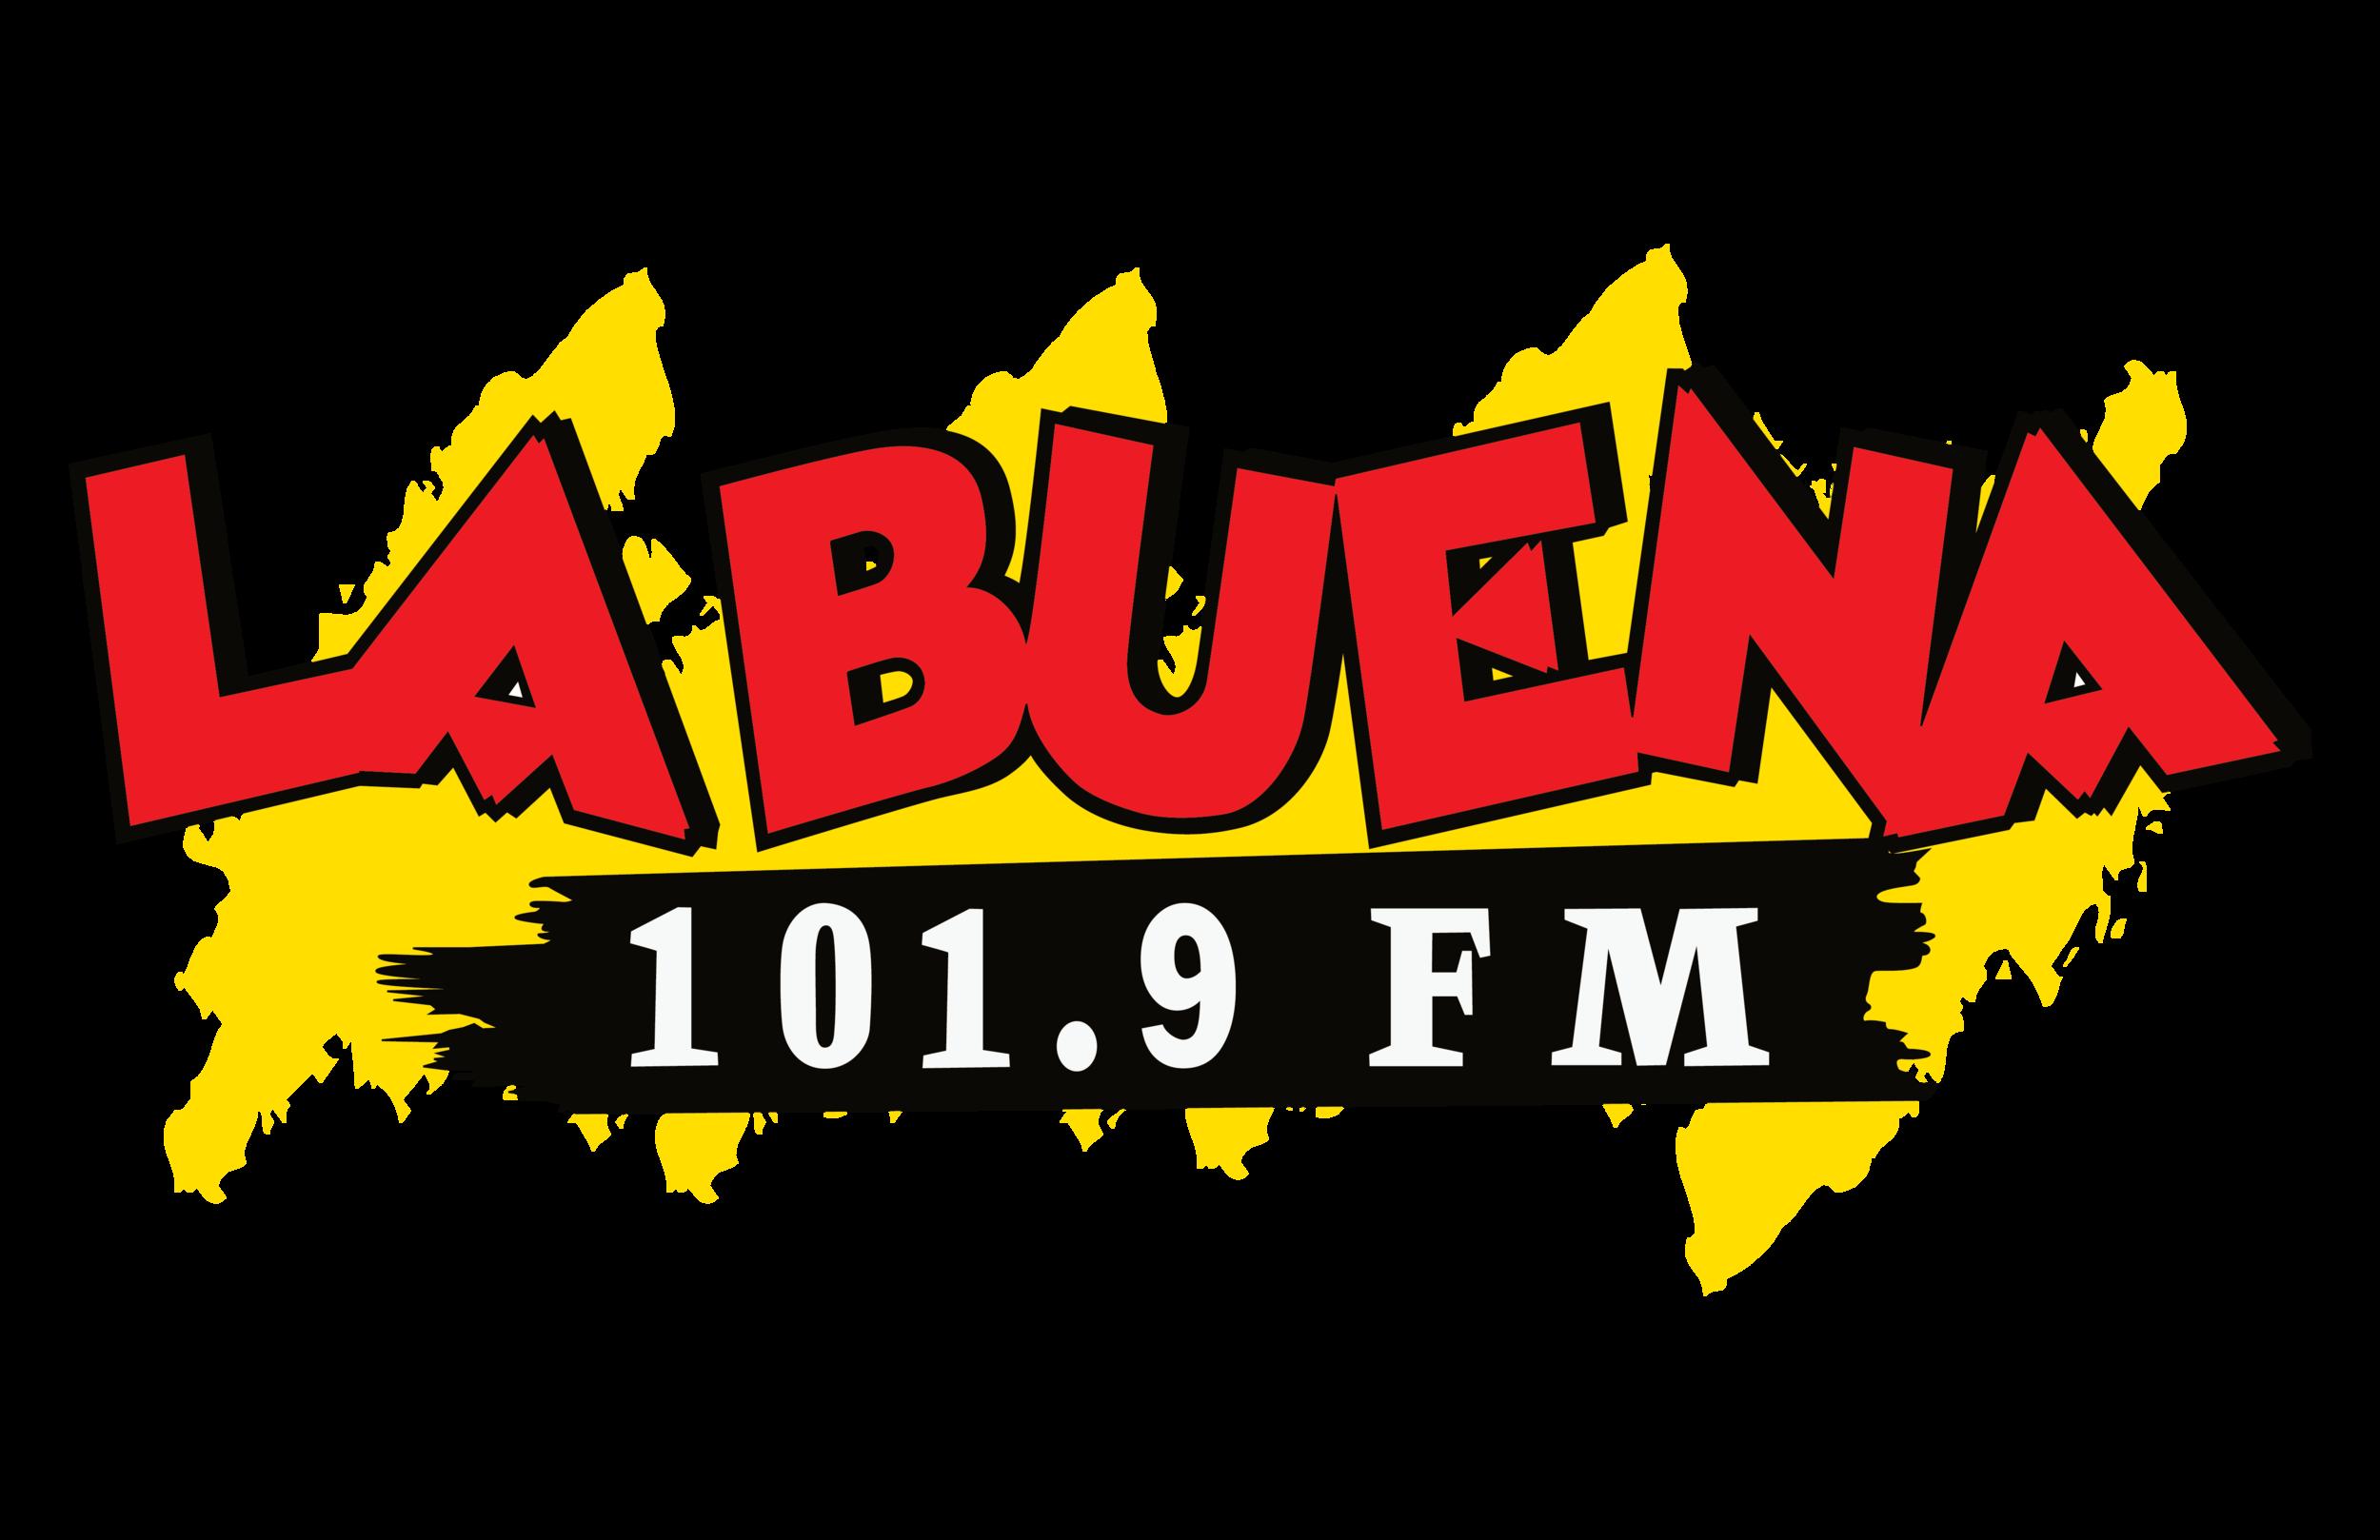 LaBuena1019logo-01.png